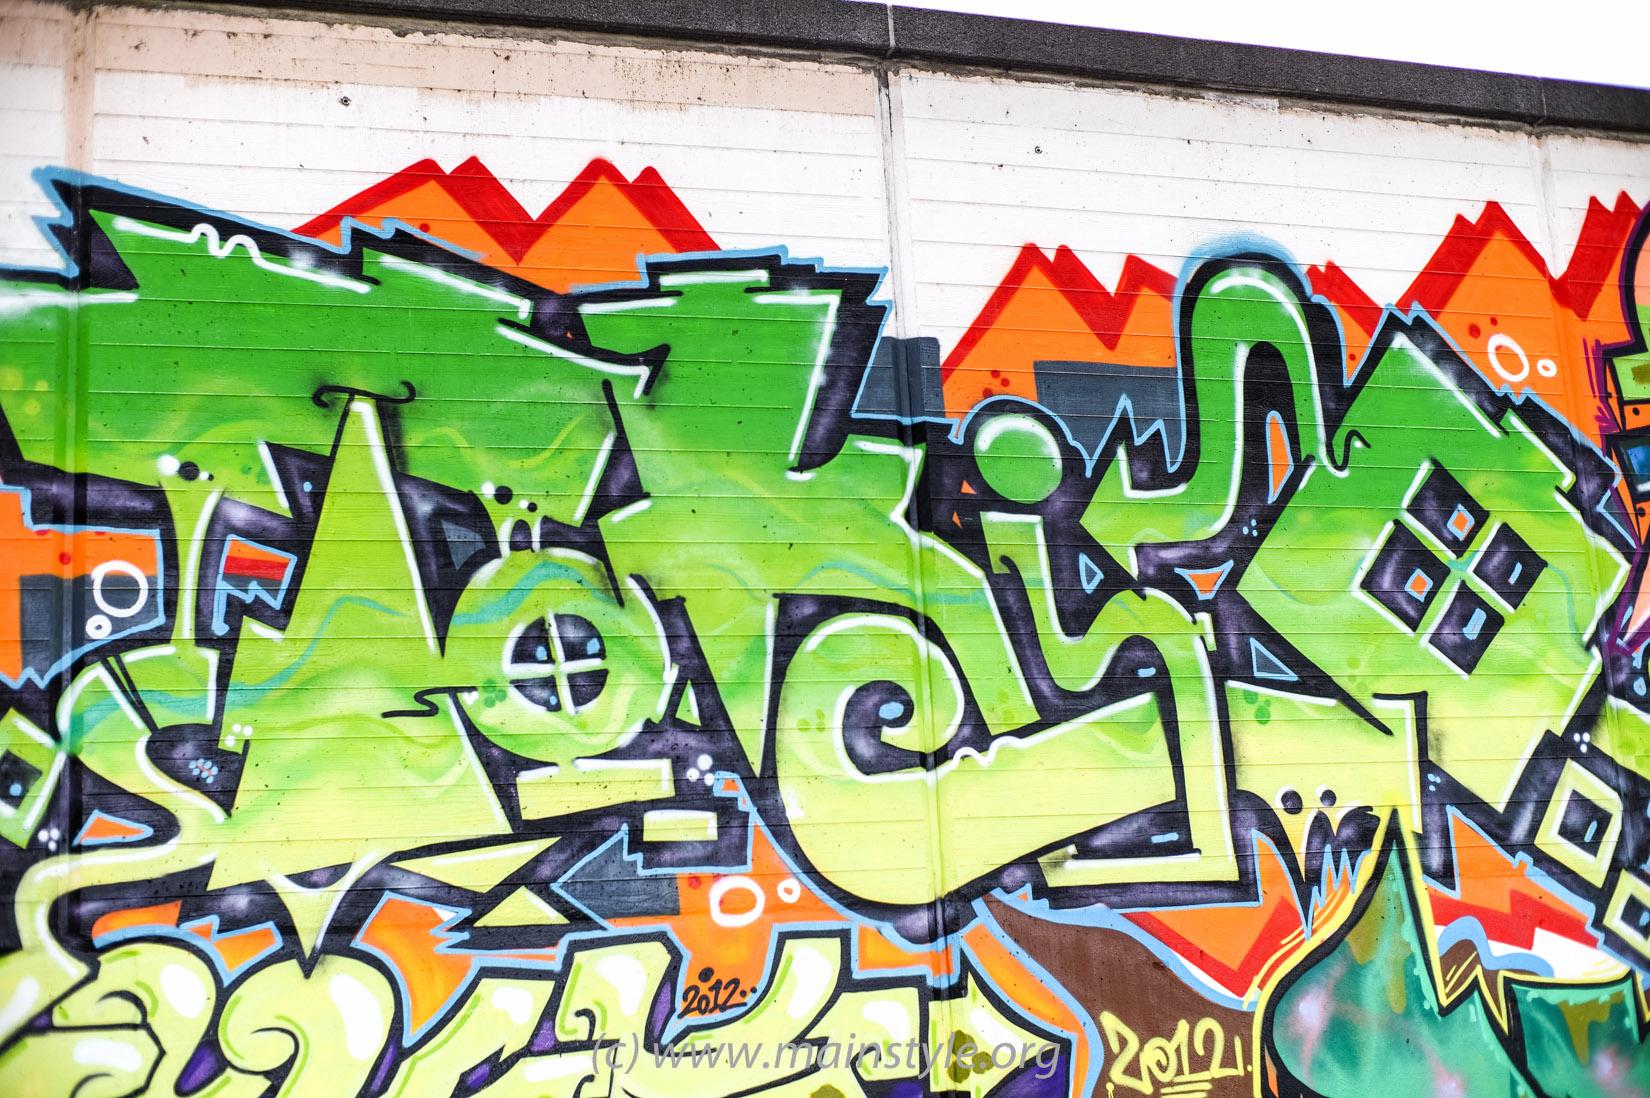 Frankfurt-Höchst_Graffiti_Süwag-Wall_2012 (8 von 35)